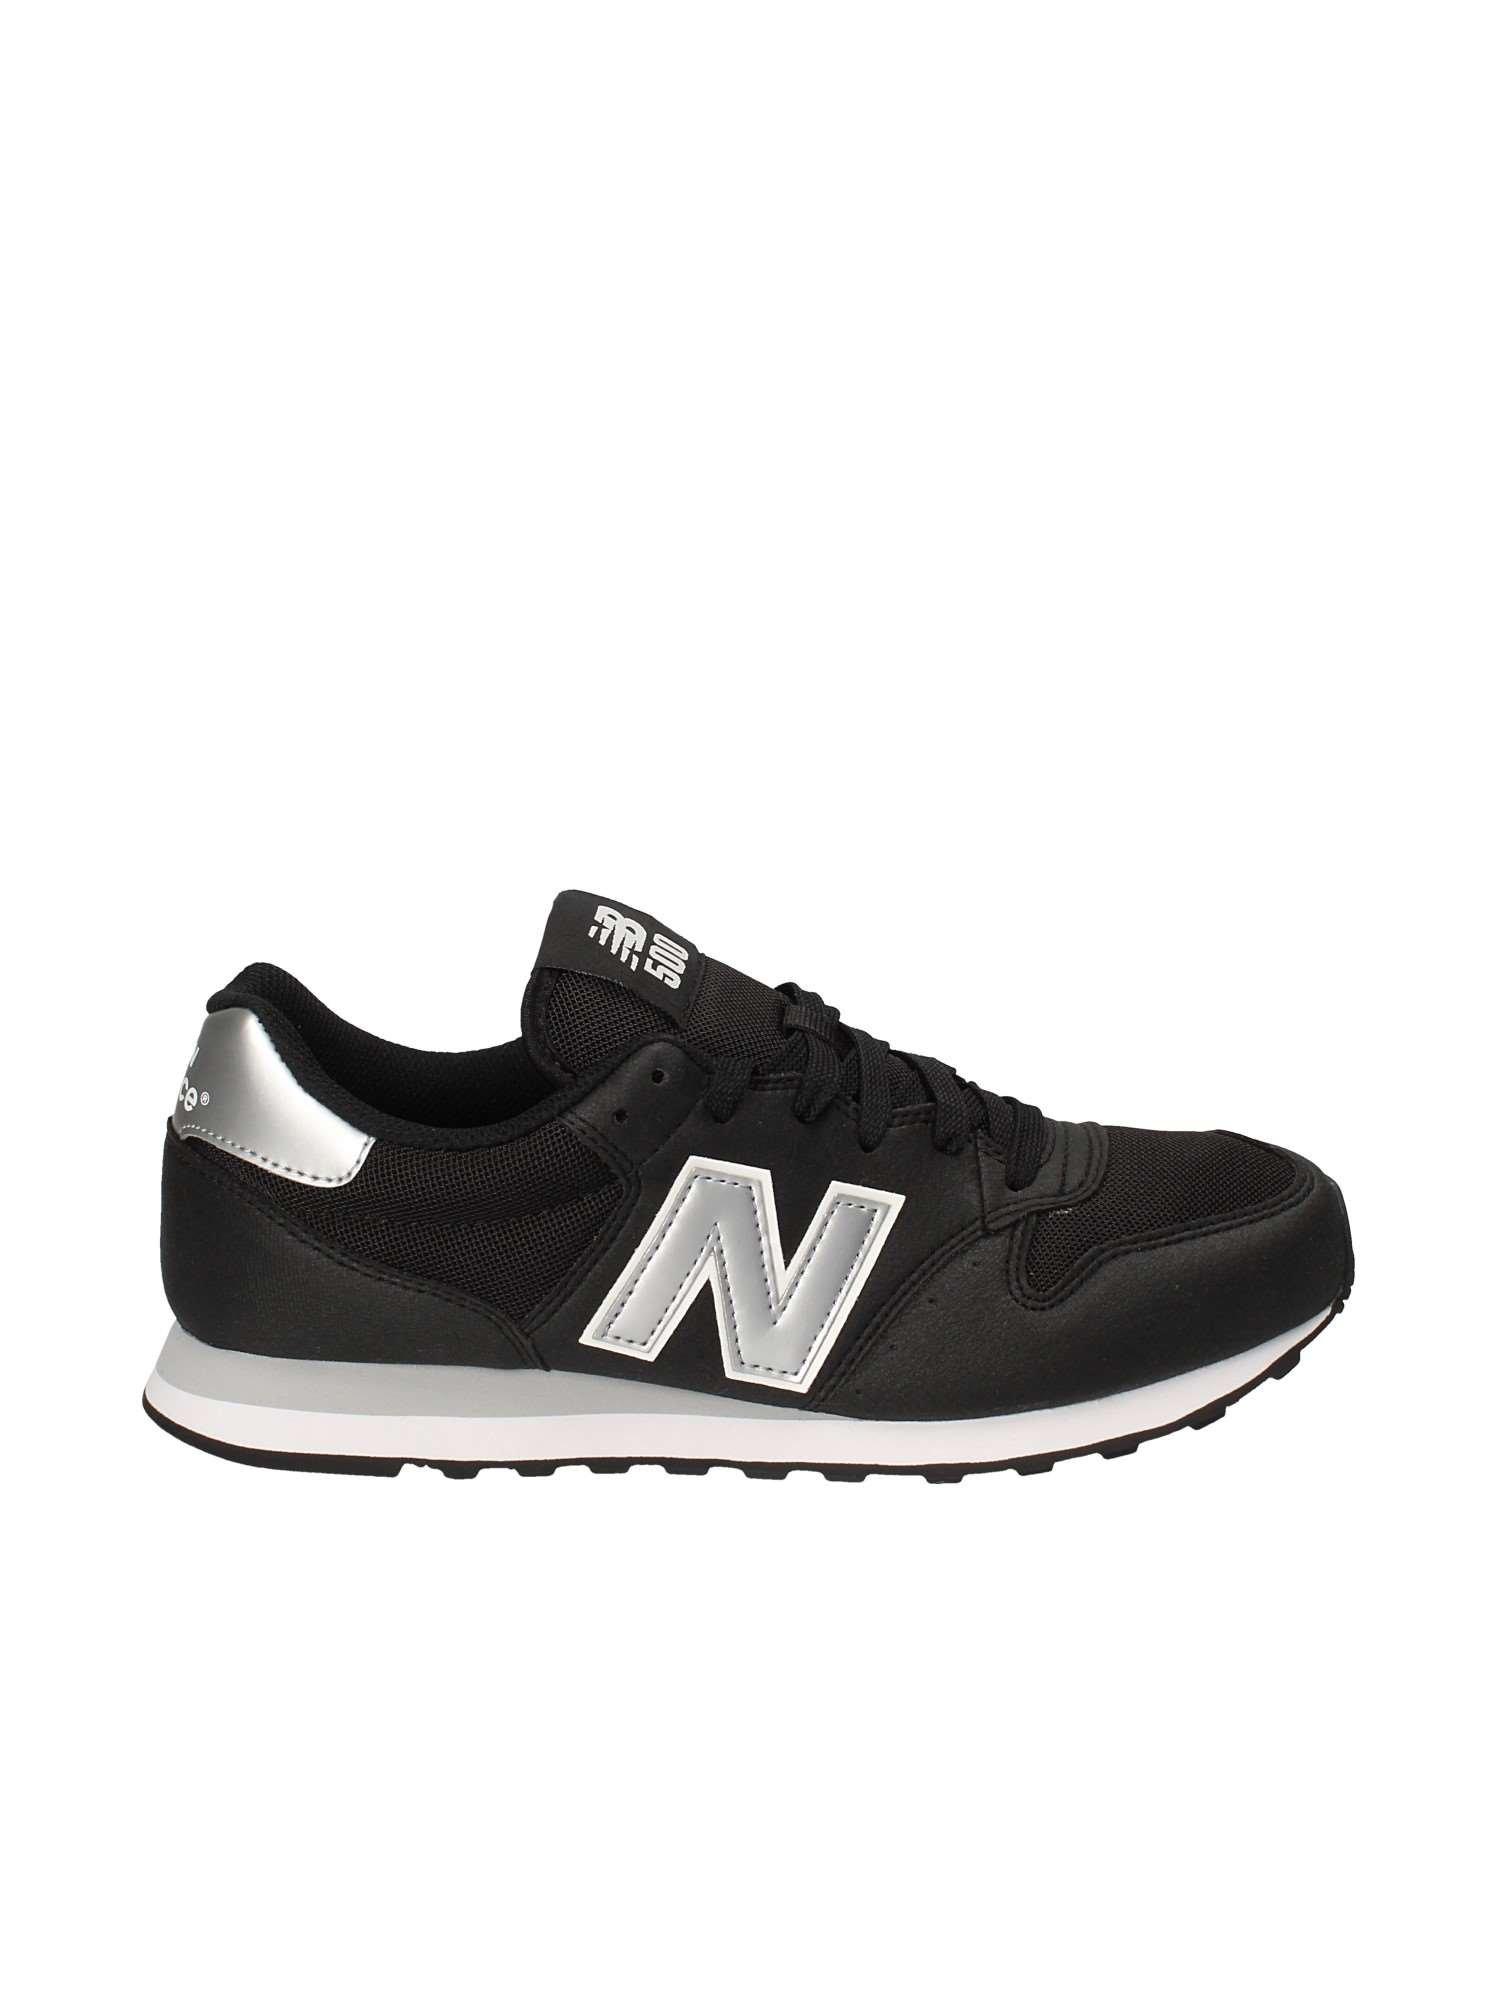 ▷ Ofertas New Balance 500 Core, Zapatillas para Hombre | Moda Ofertastop